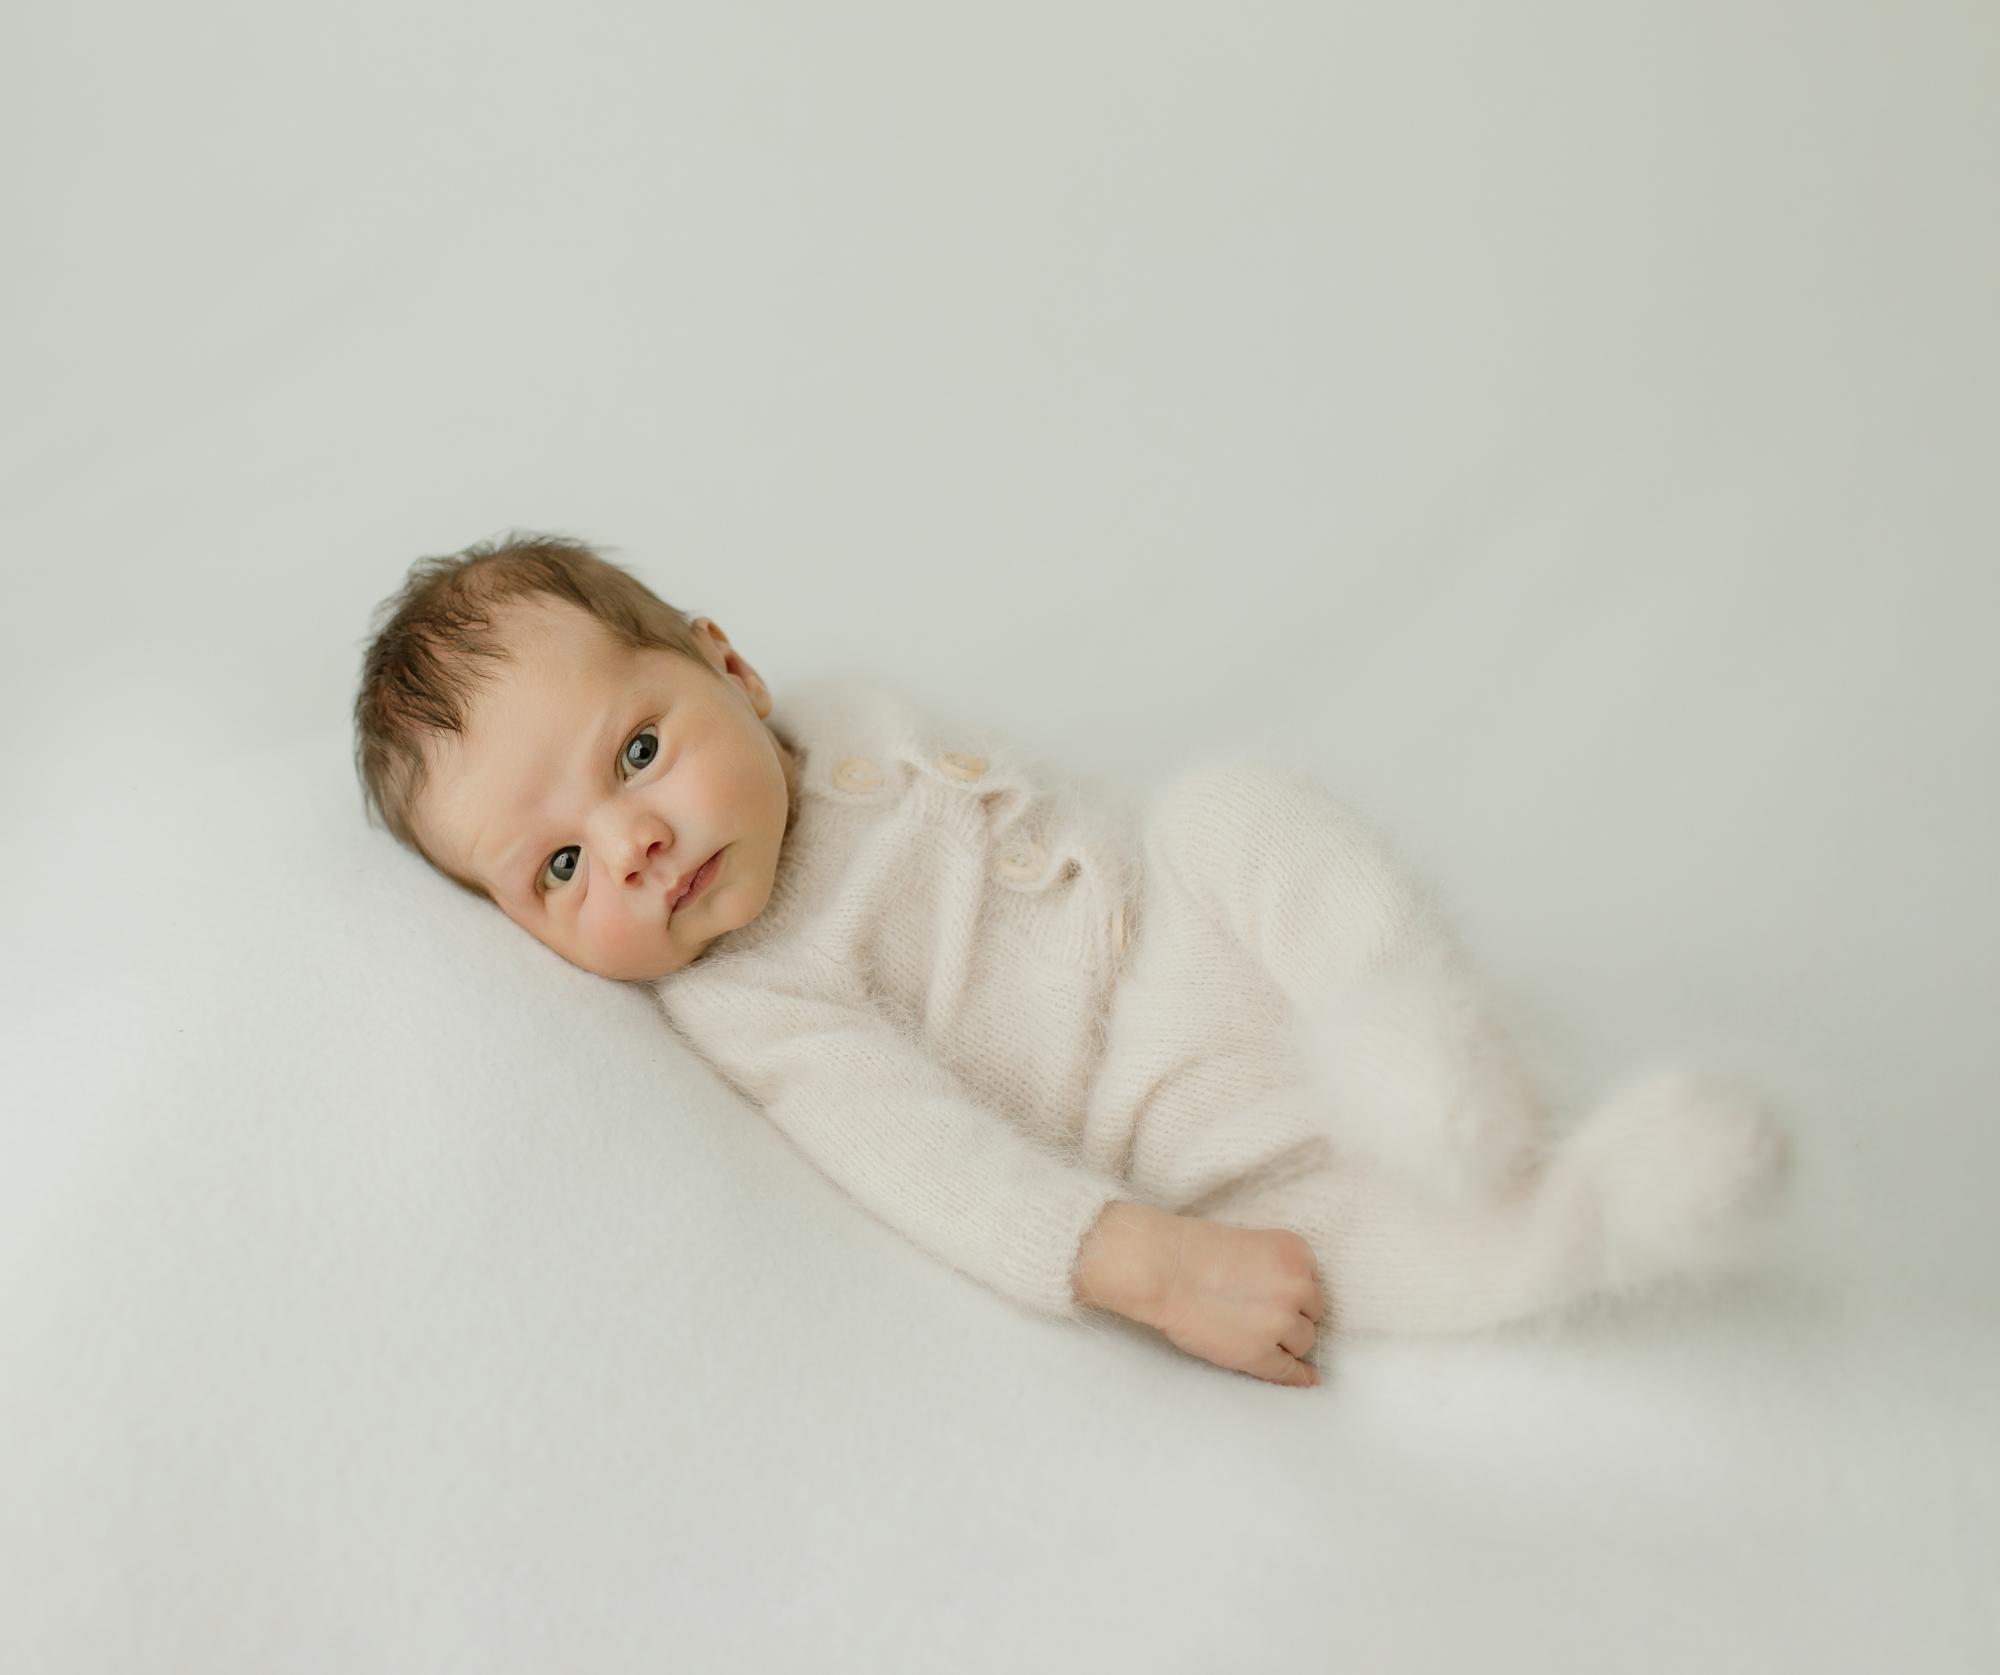 Newborn portrait of baby in fuzzy white pajamas